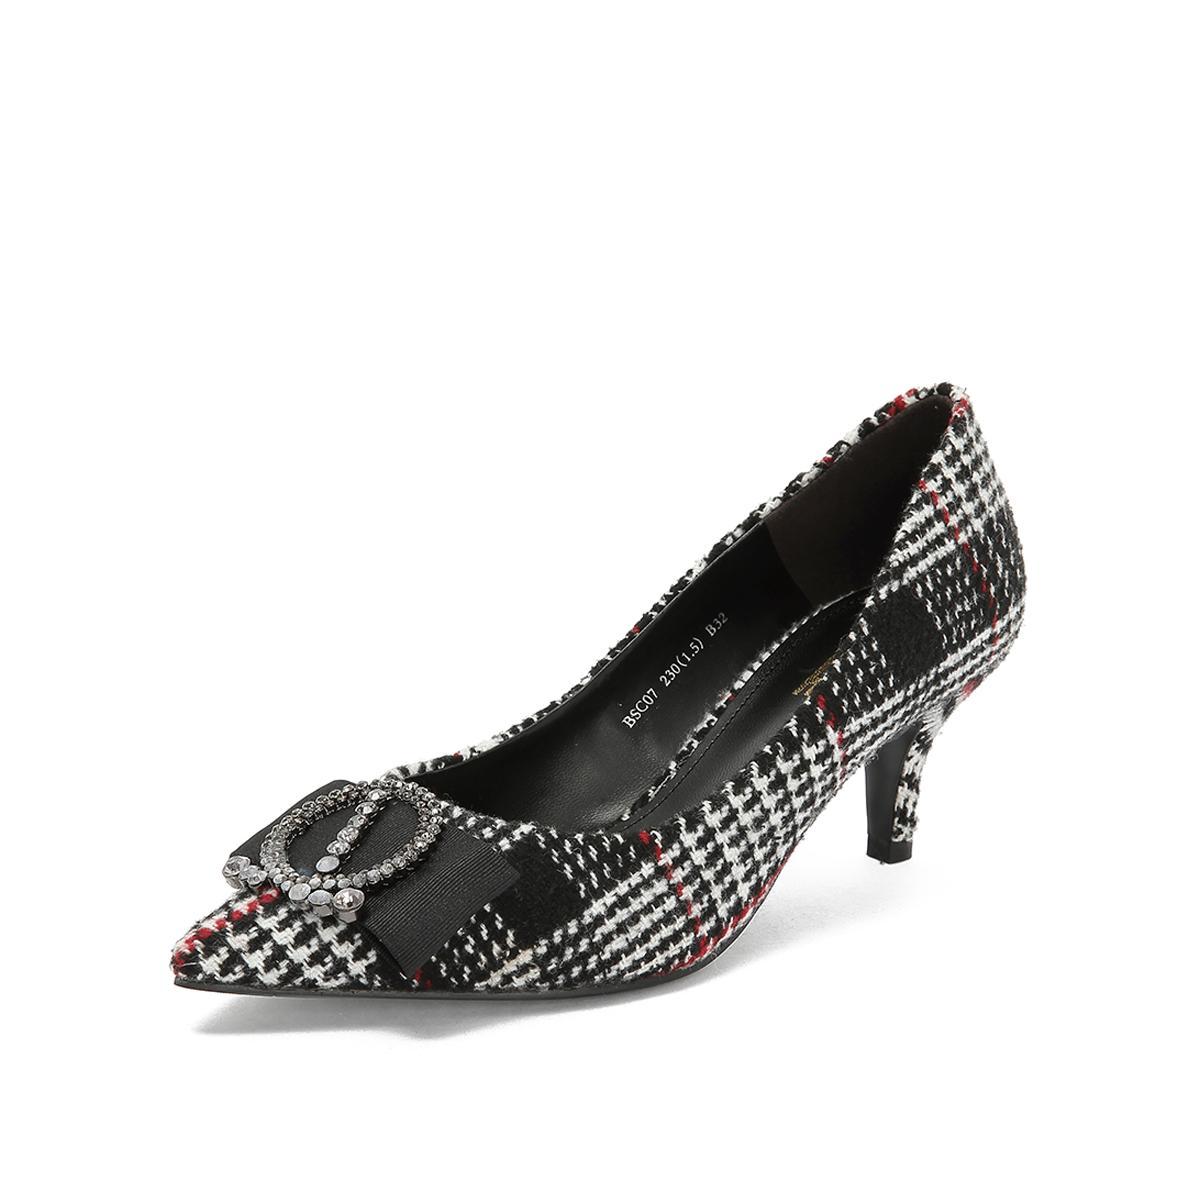 百丽百丽商场同款格子毛线布高跟女单鞋黑白/黑BBLBSC07DU2CQ8黑白/黑